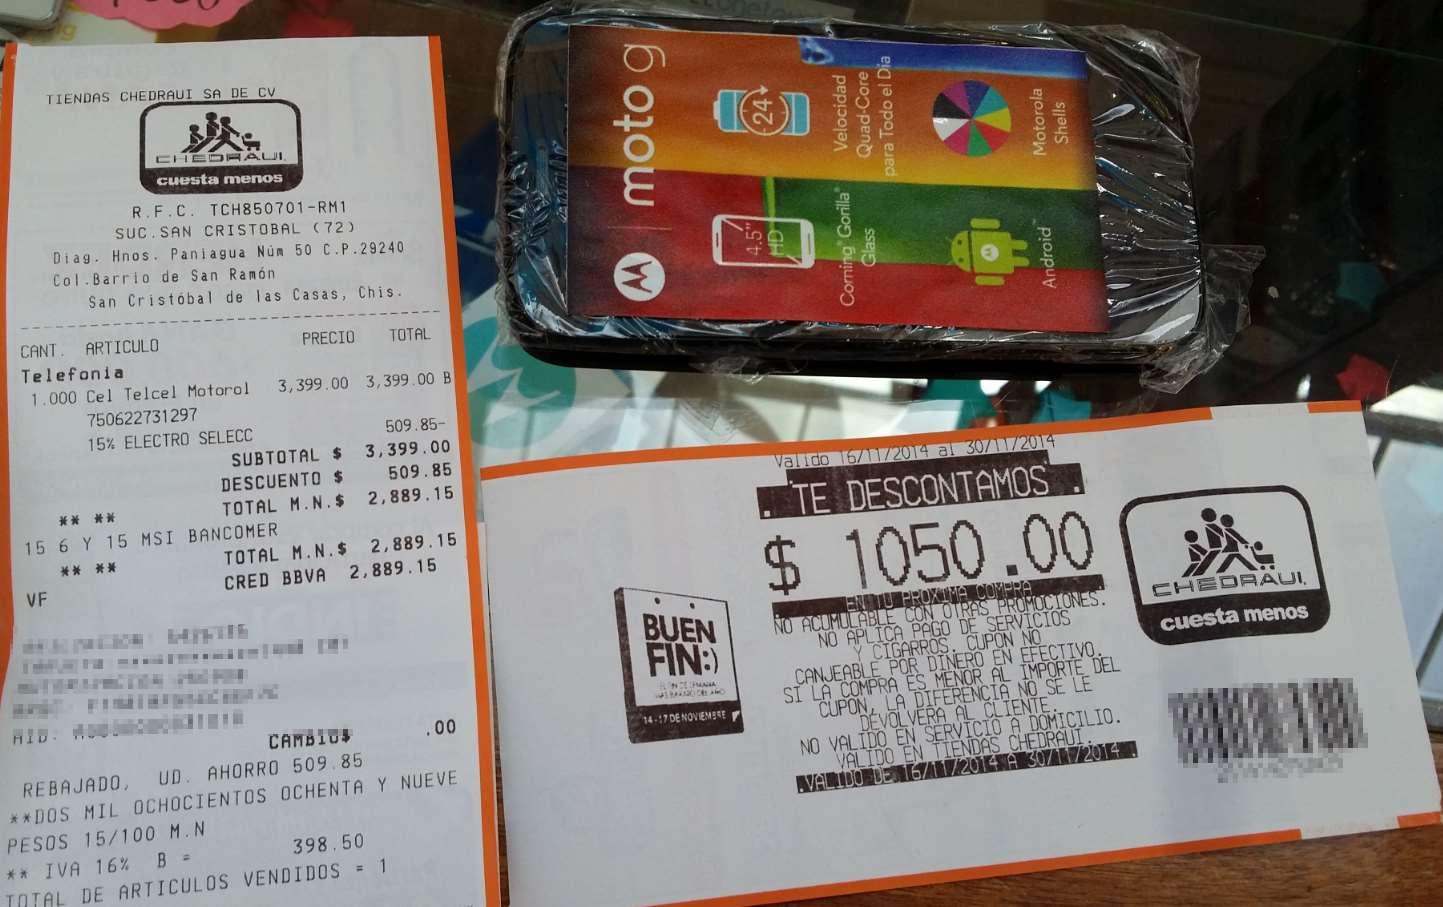 Ofertas del Buen Fin en Chedraui: Moto g 16 GB xt1032 $1,850 después de bonificaciones